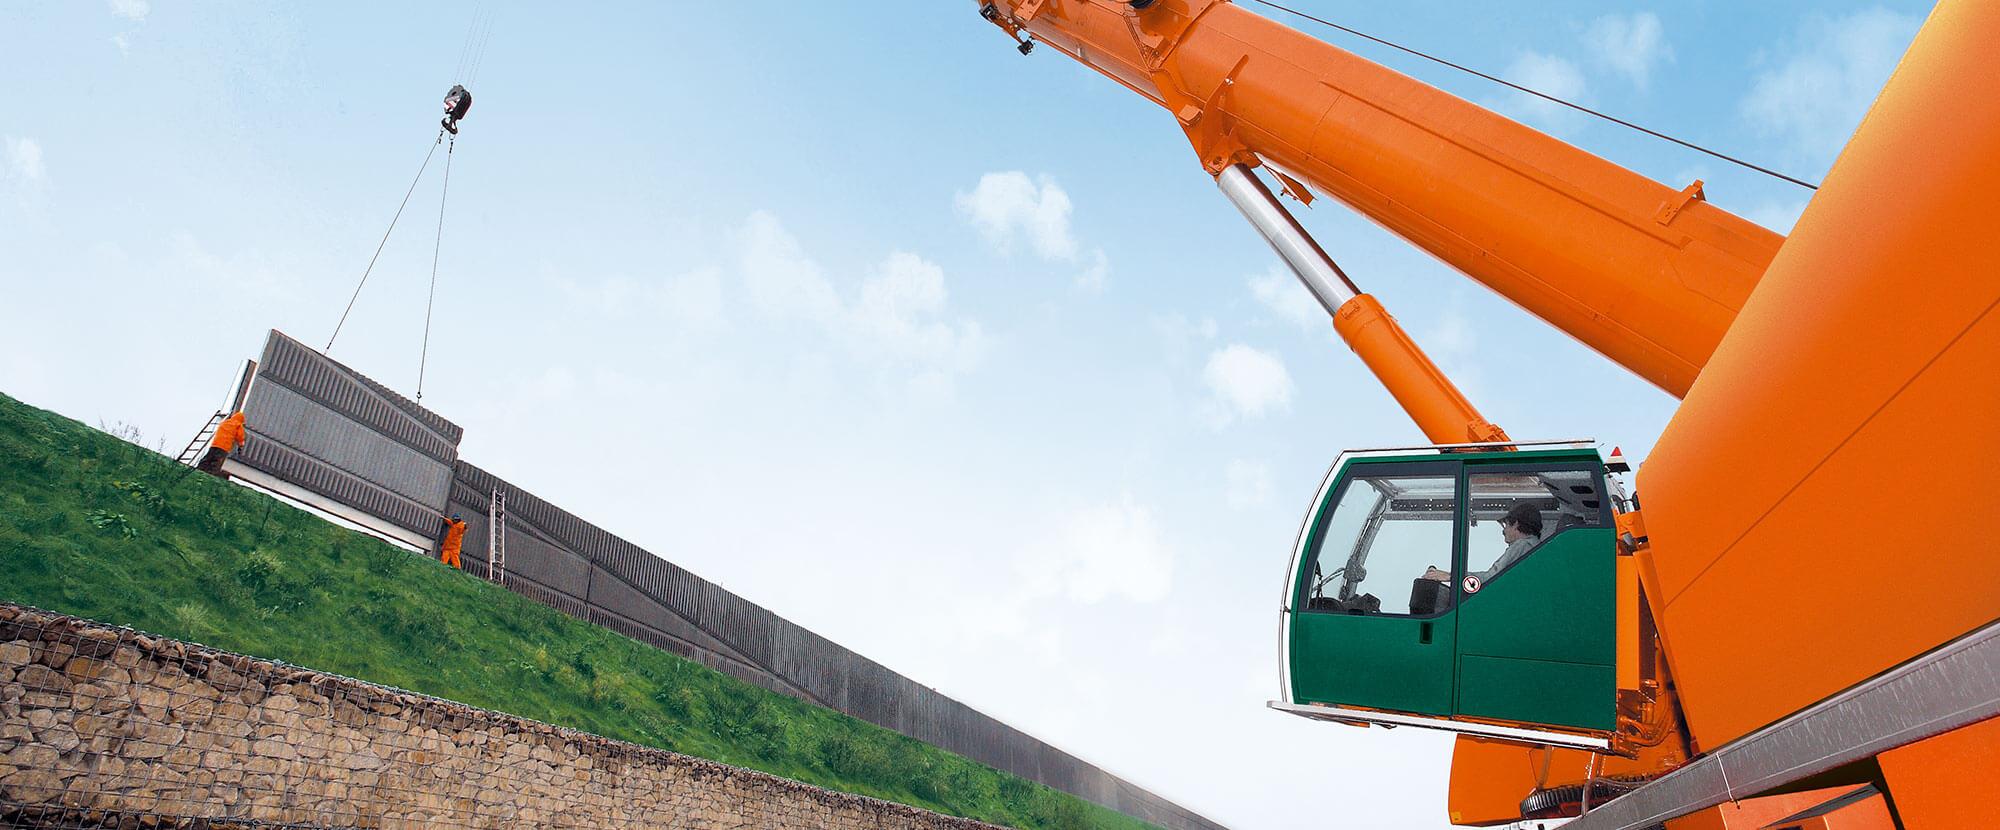 Lärmschutz - EUDUR-Bau | Industriebau, Fassaden ...